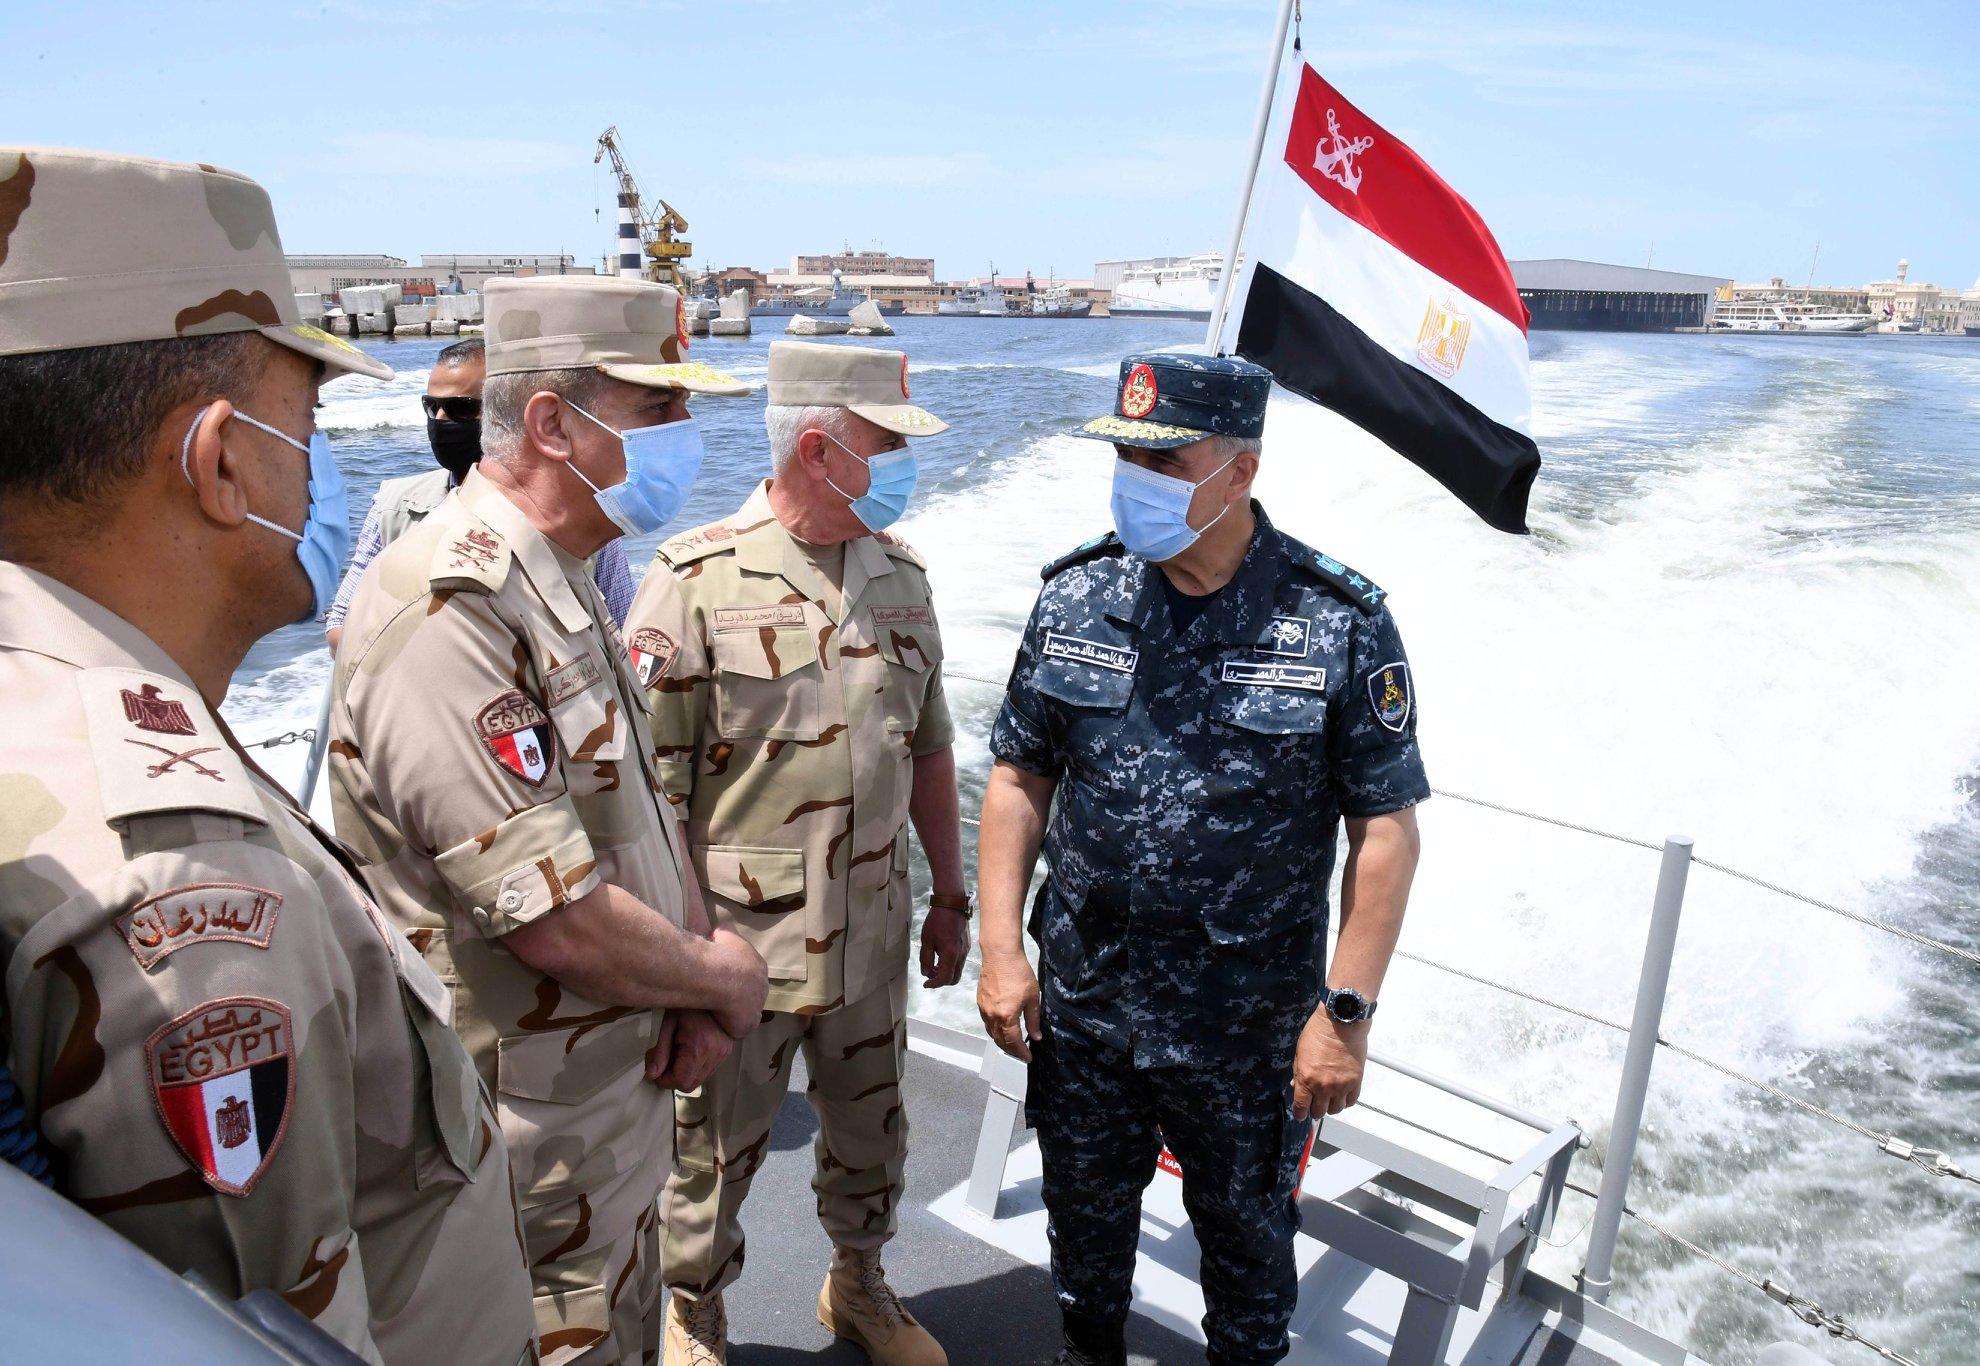 صور | وزير الدفاع يتفقد الغواصة S-43 المنضمة حديثاً إلى القوات البحرية